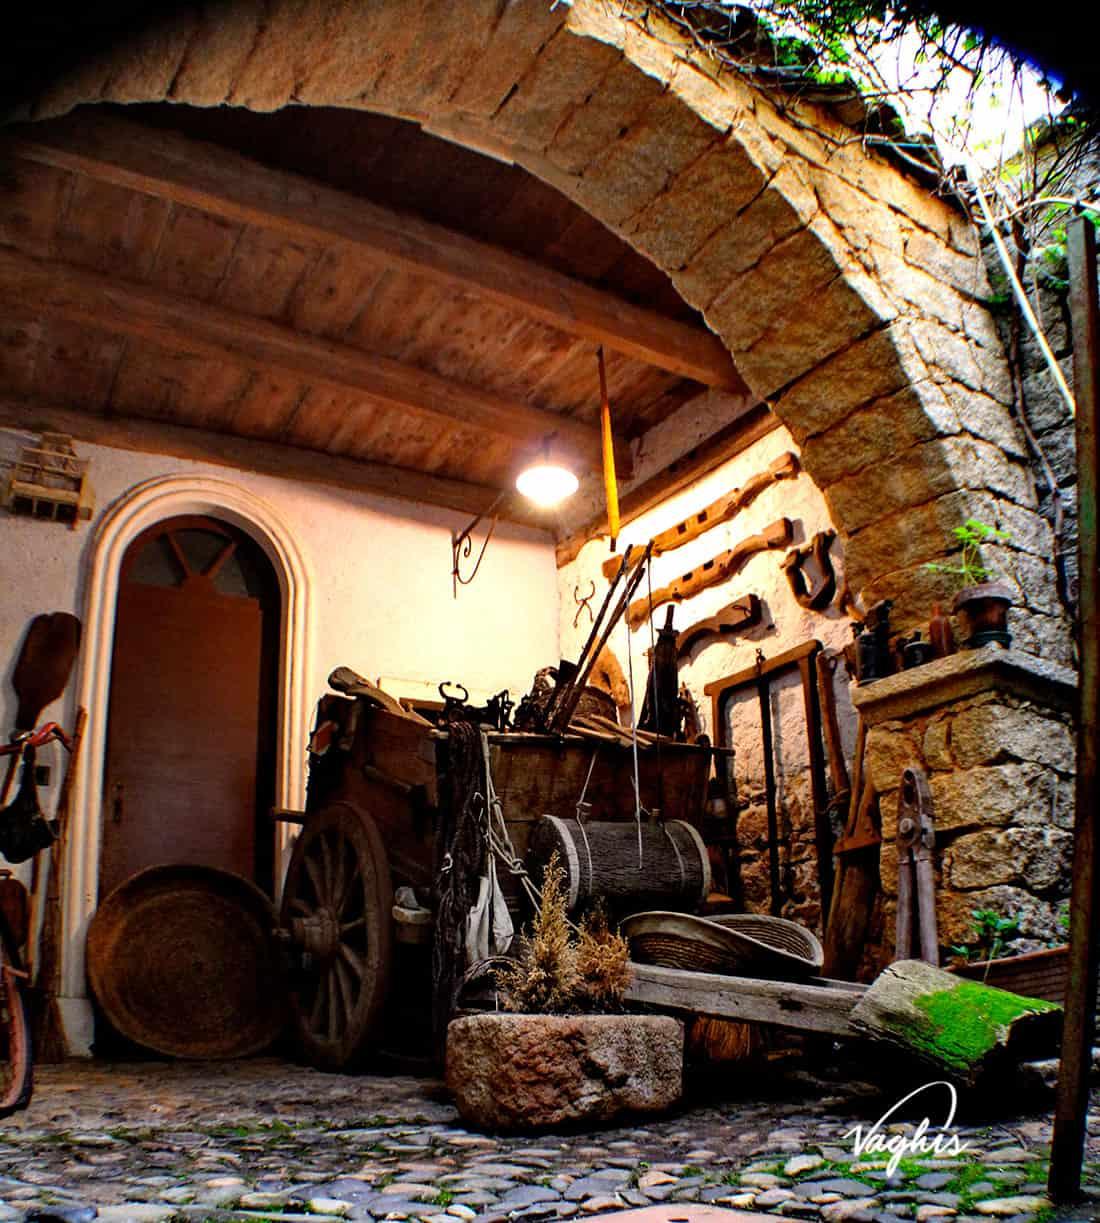 Museo etnografico della Gallura - © Vaghis - viaggi & turismo Italia - Tutti i diritti riservati